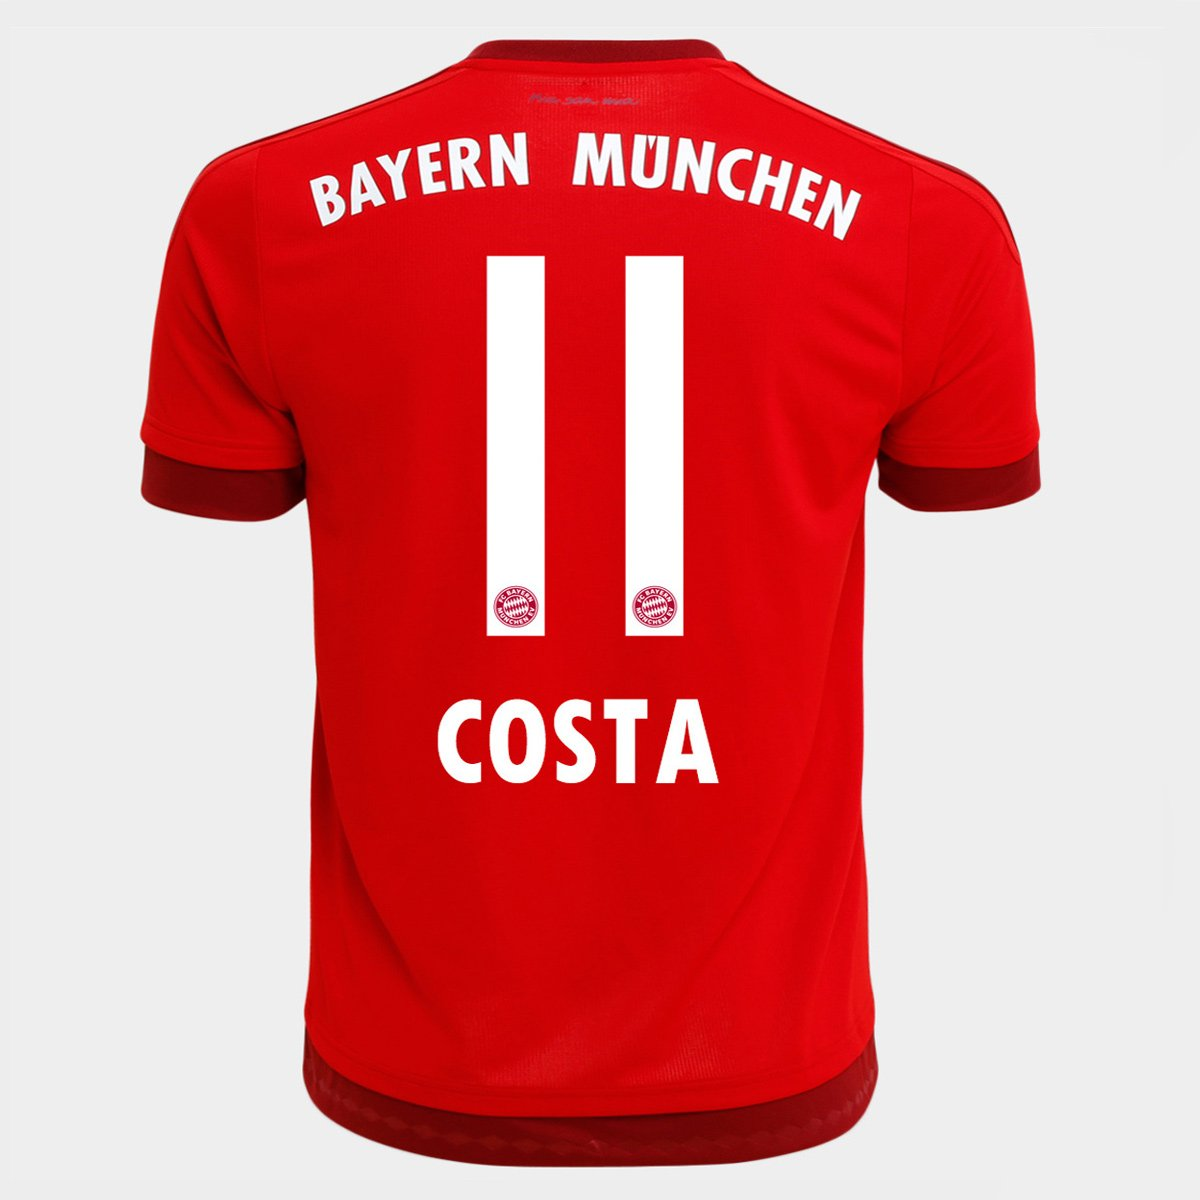 cd718d93f7c3e Camisa Adidas Bayern de Munique Home 15 16 nº 11 - Costa - Compre Agora